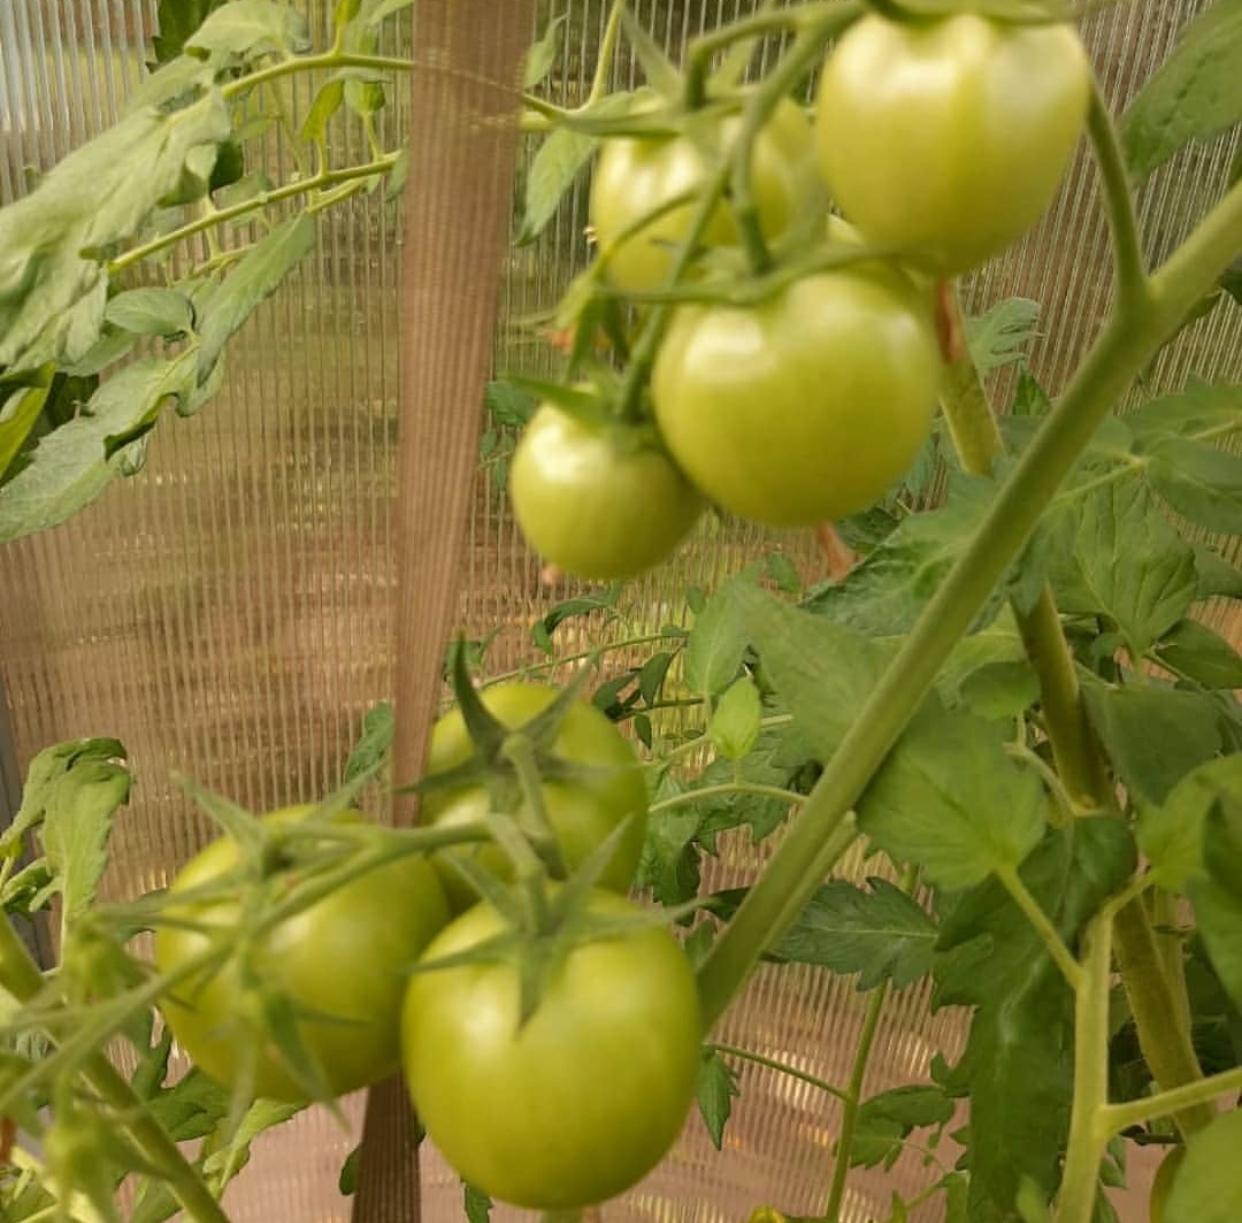 передвигается картинки сорта томатов продаже